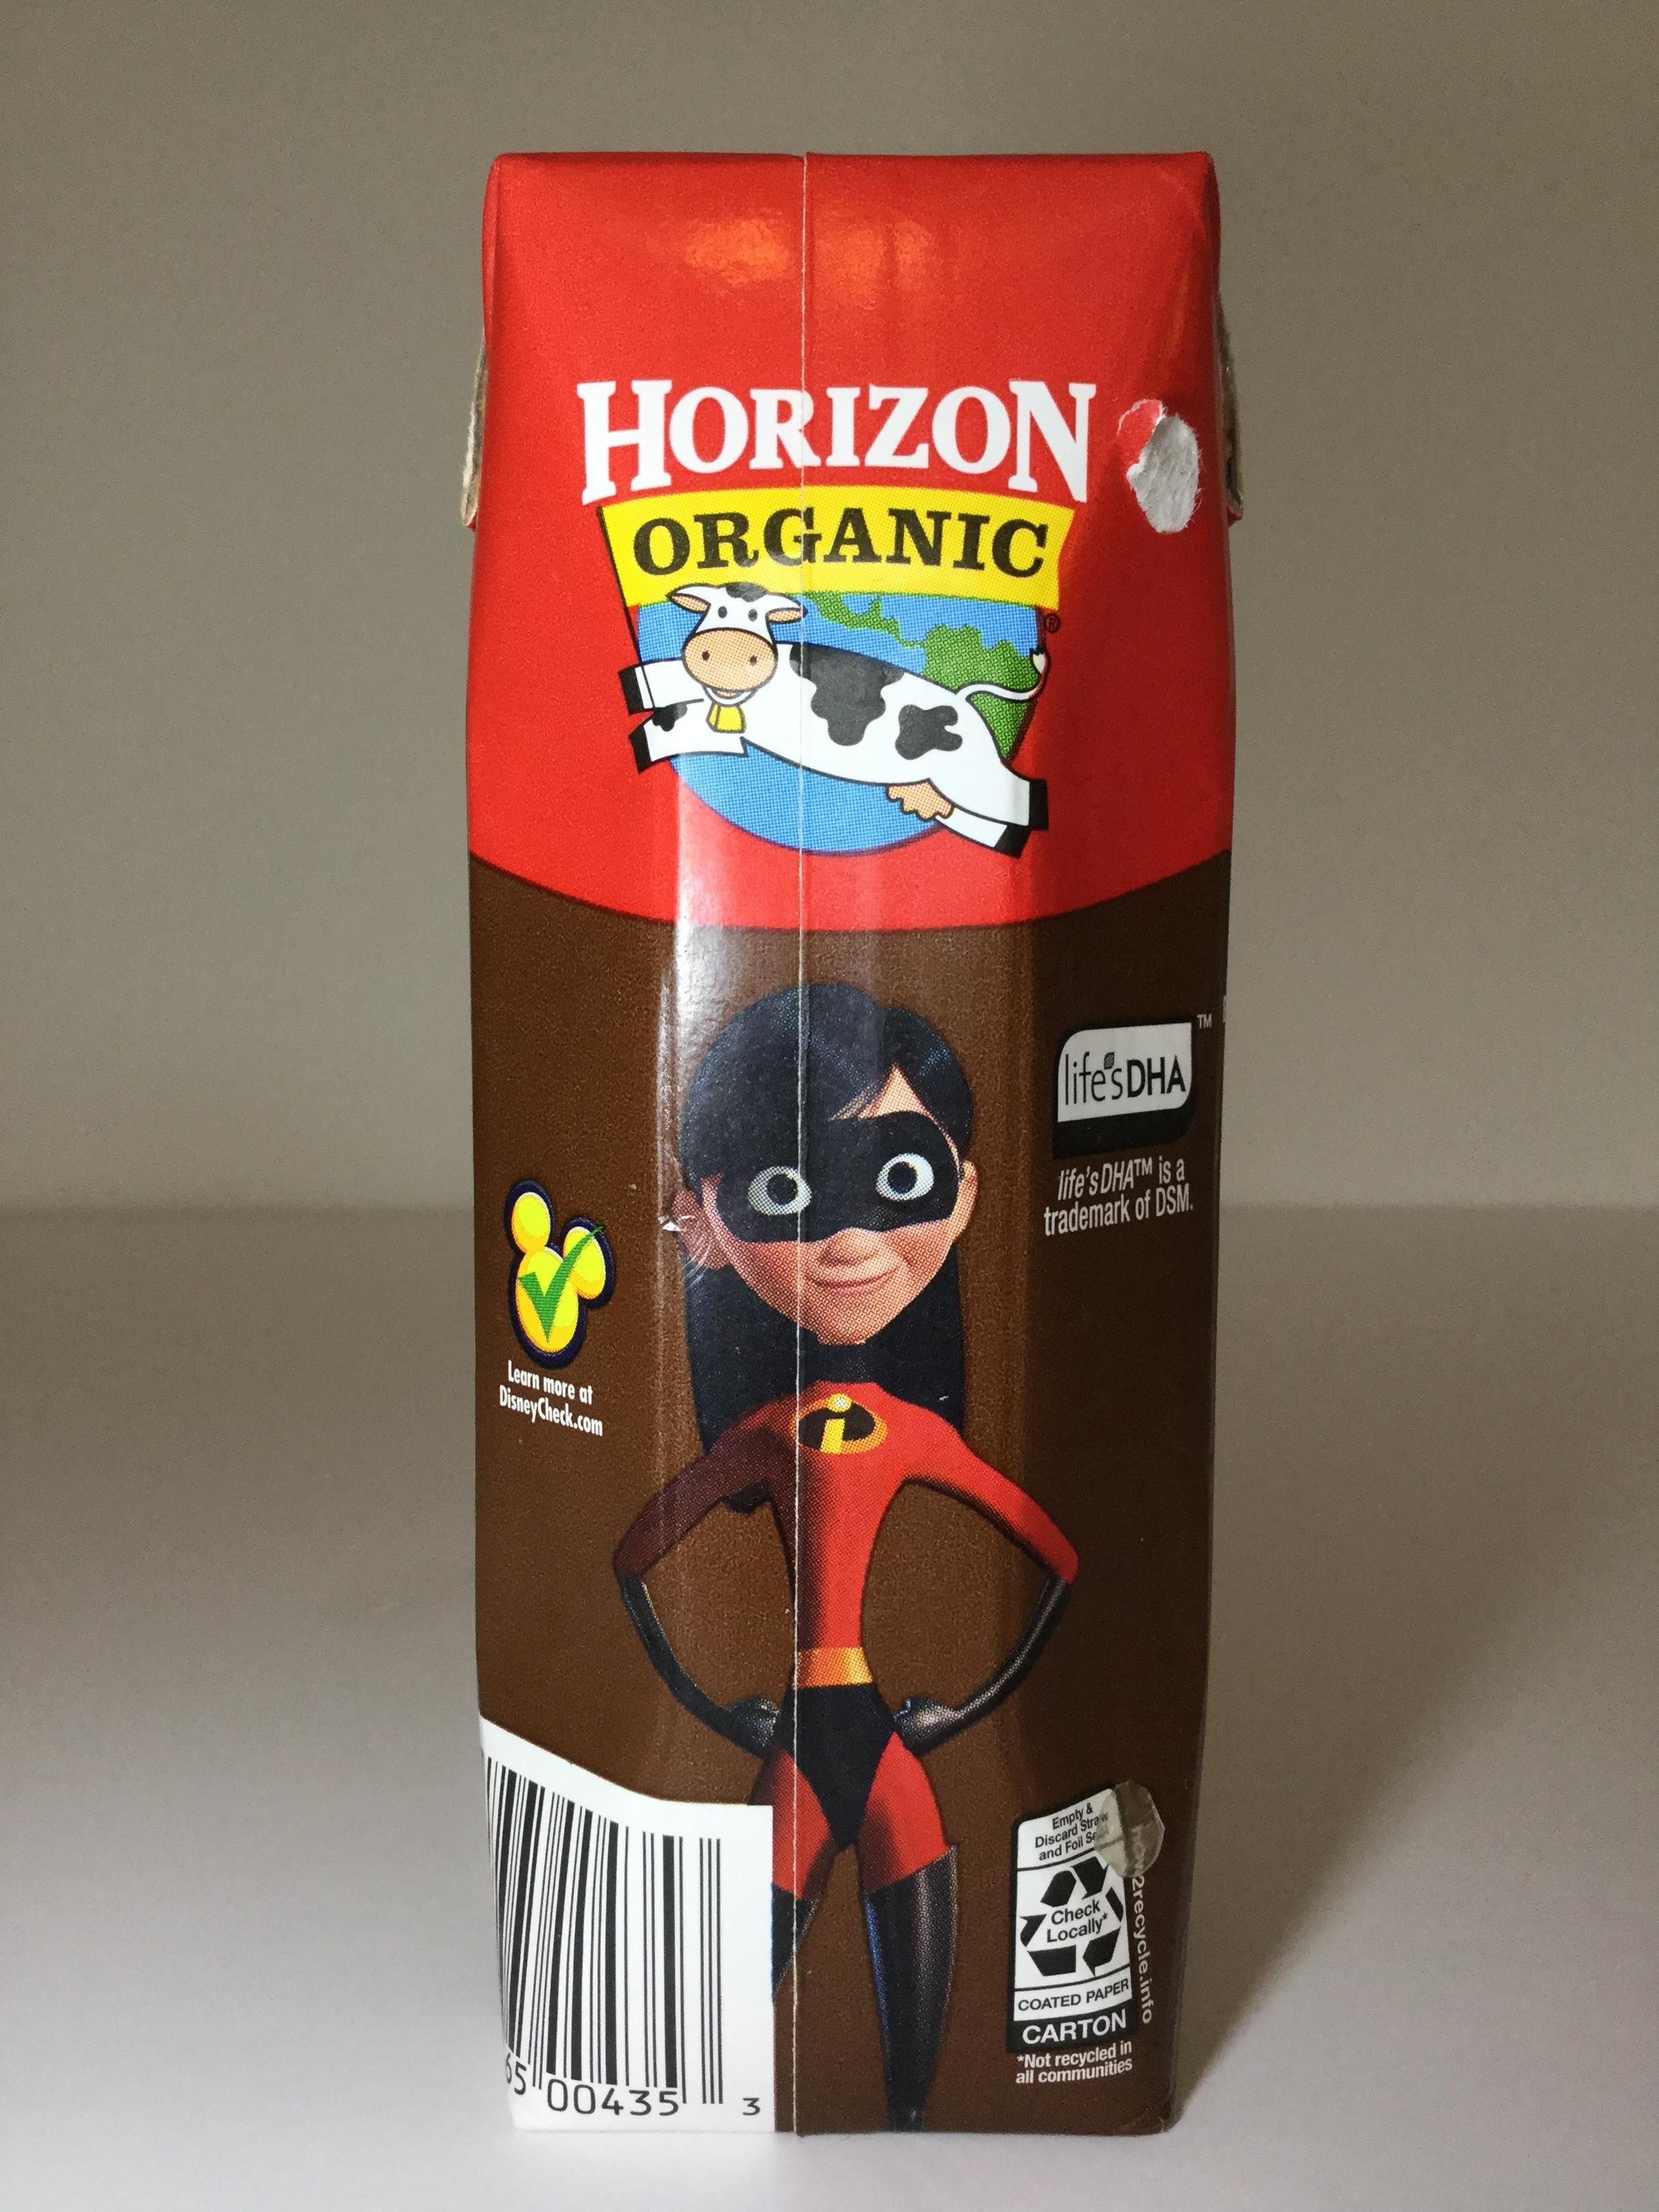 Horizon Organic DHA Chocolate Milk Side 3